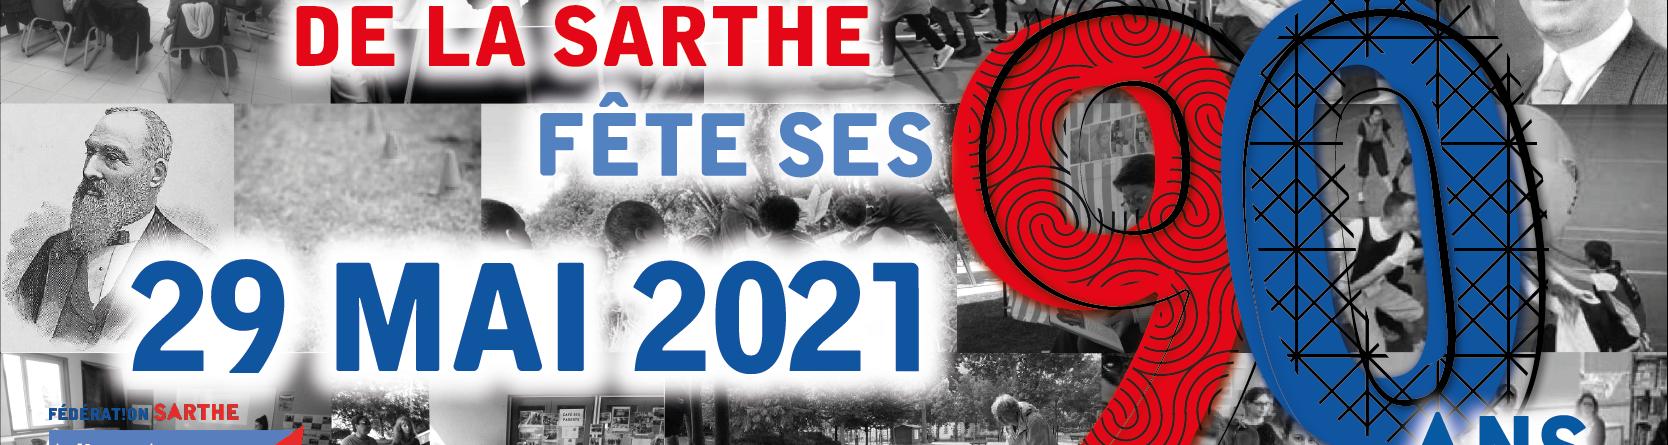 La ligue de l'enseignement de la Sarthe fête ses 90 ans !